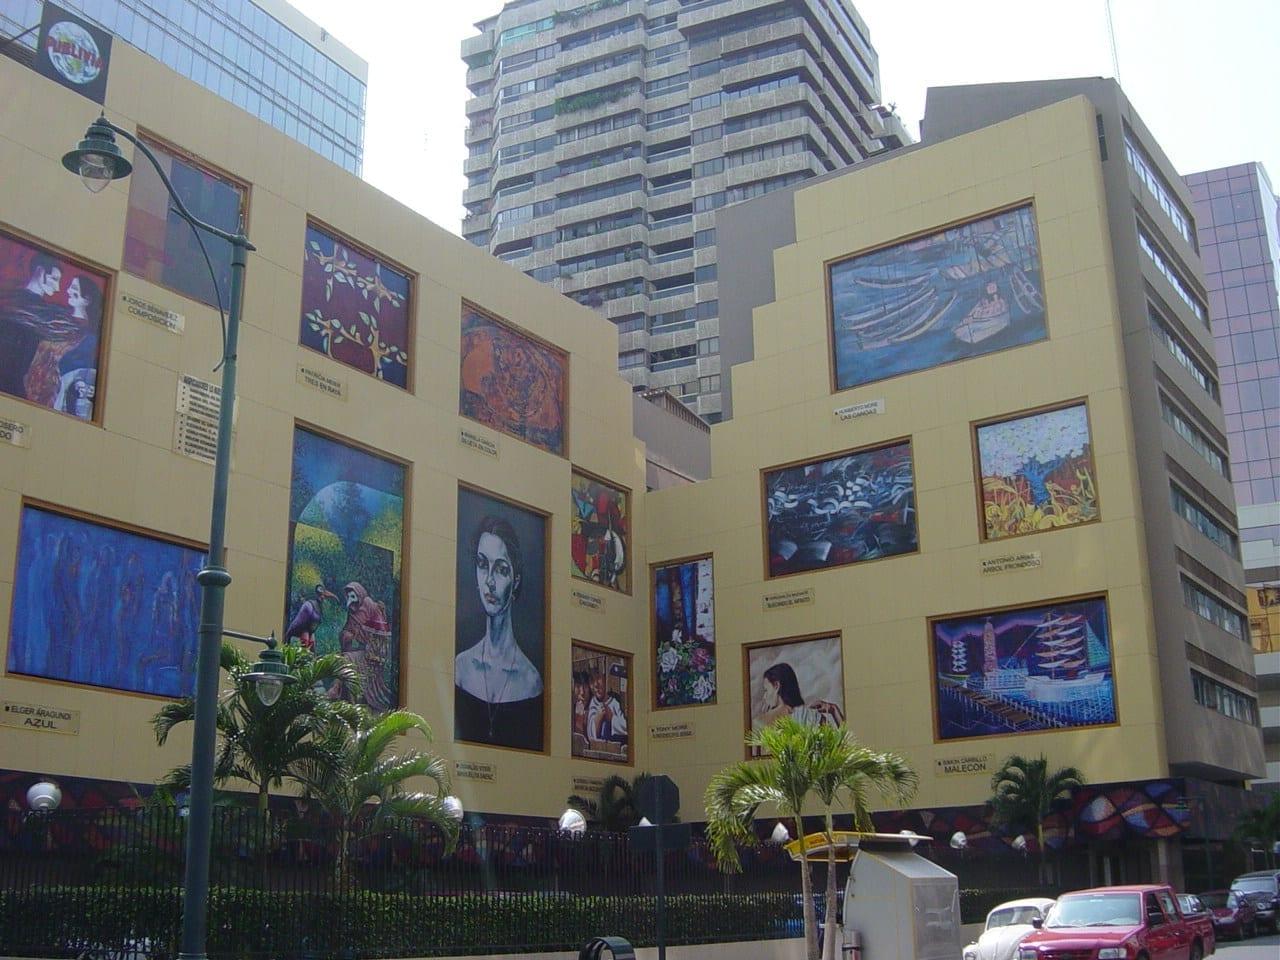 El arte en la ciudad Guayaquil Ecuador